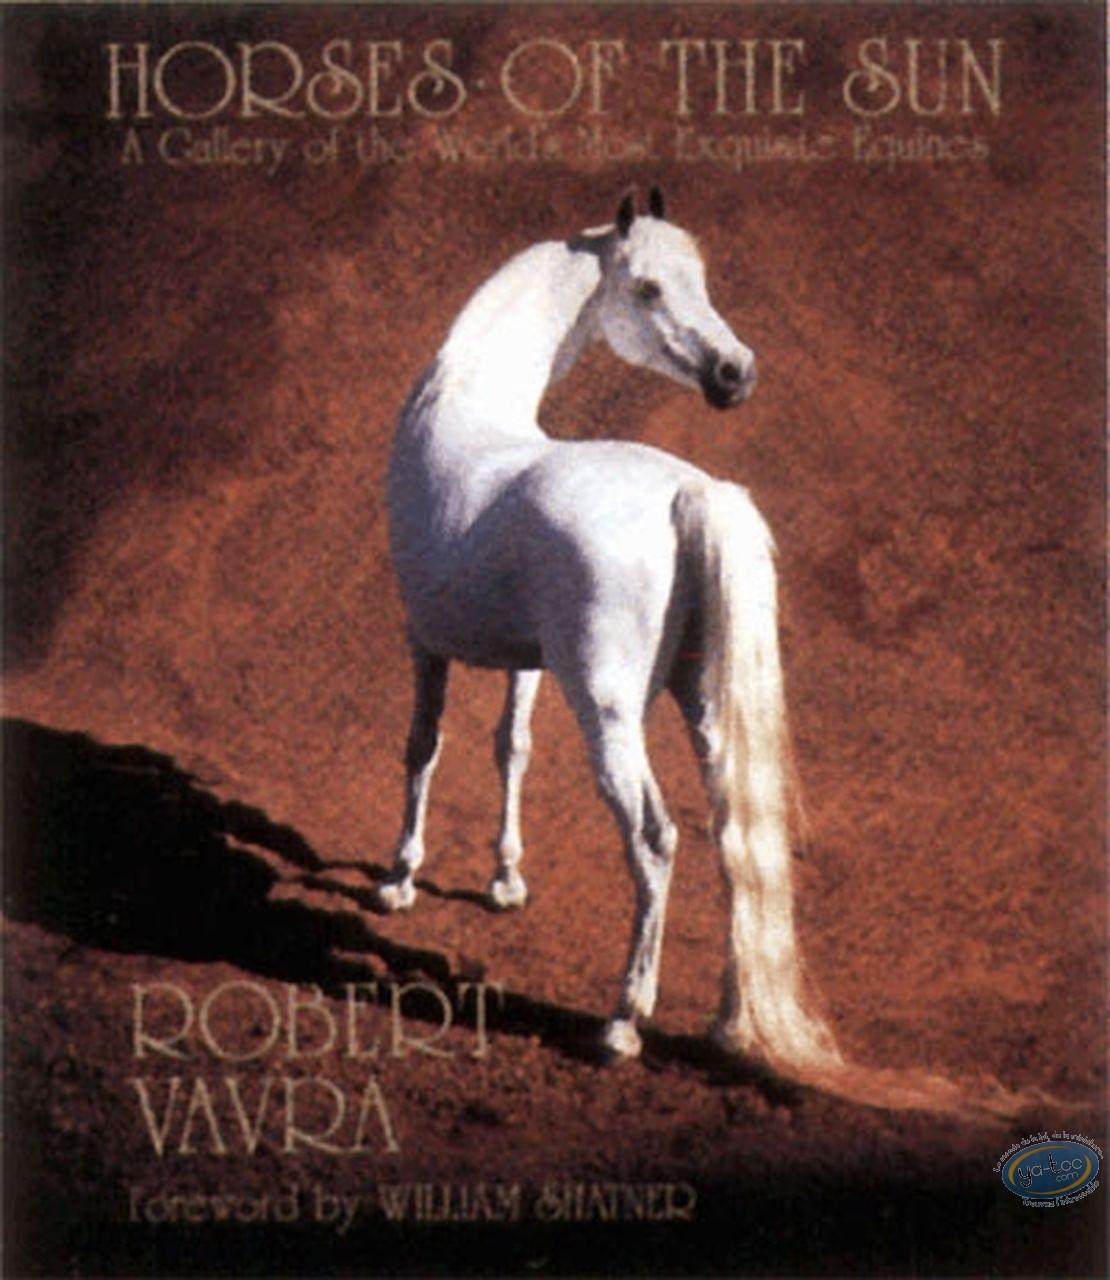 Livre, Les chevaux du soleil - Portrait des plus merveilleux chevaux du monde